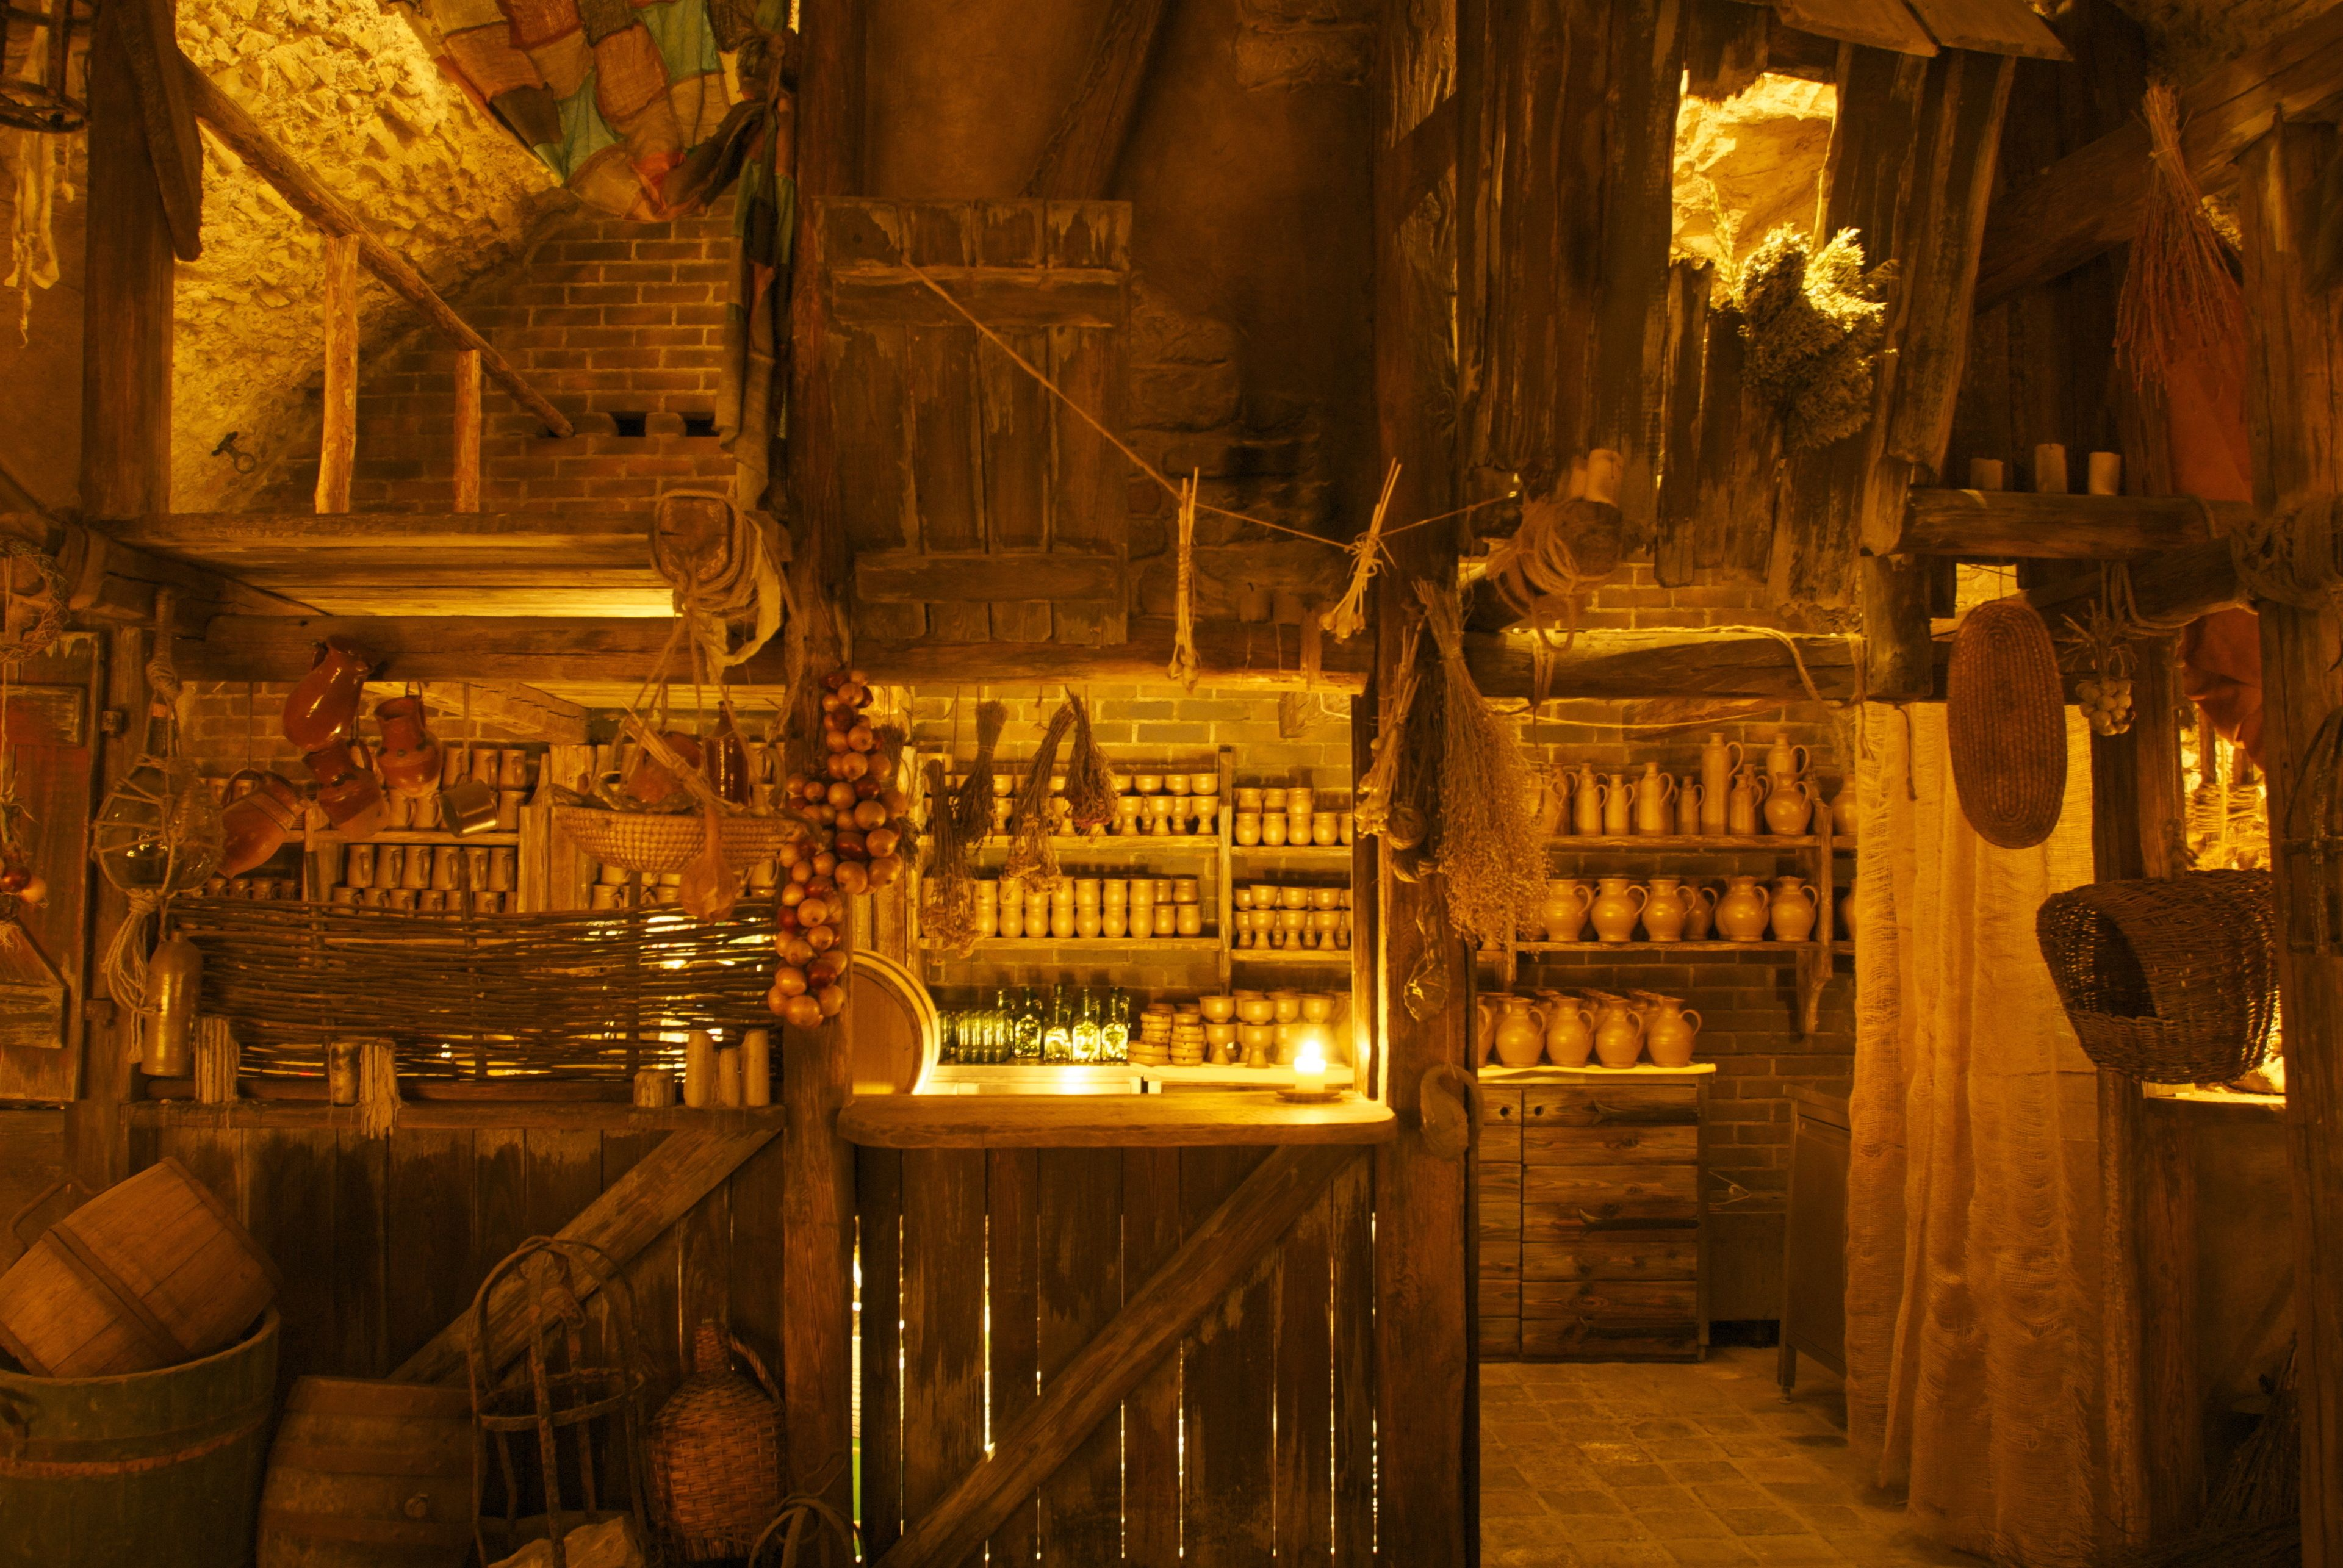 Views of the Medieval dinner venue in Prague